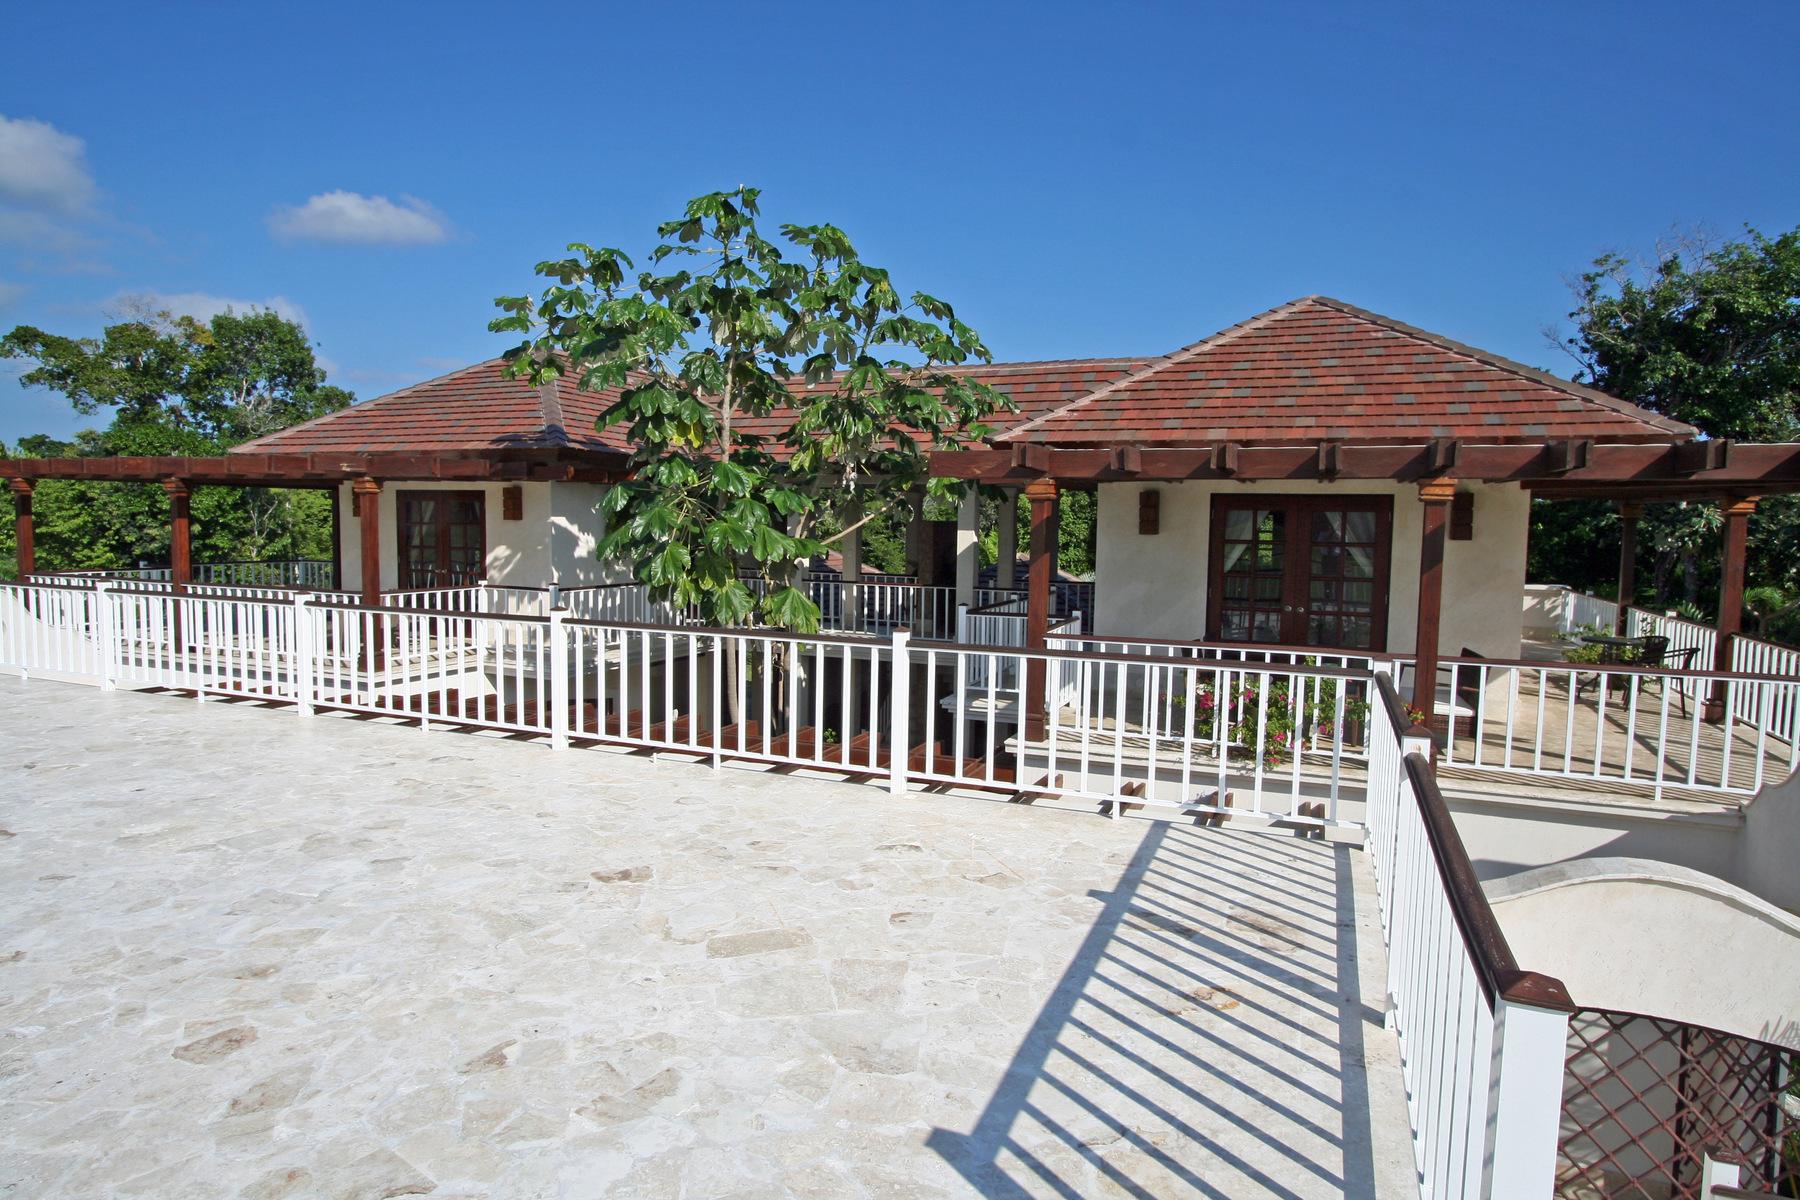 Dominican republic la altagracia punta cana hacienda for Homes for sale dominican republic punta cana